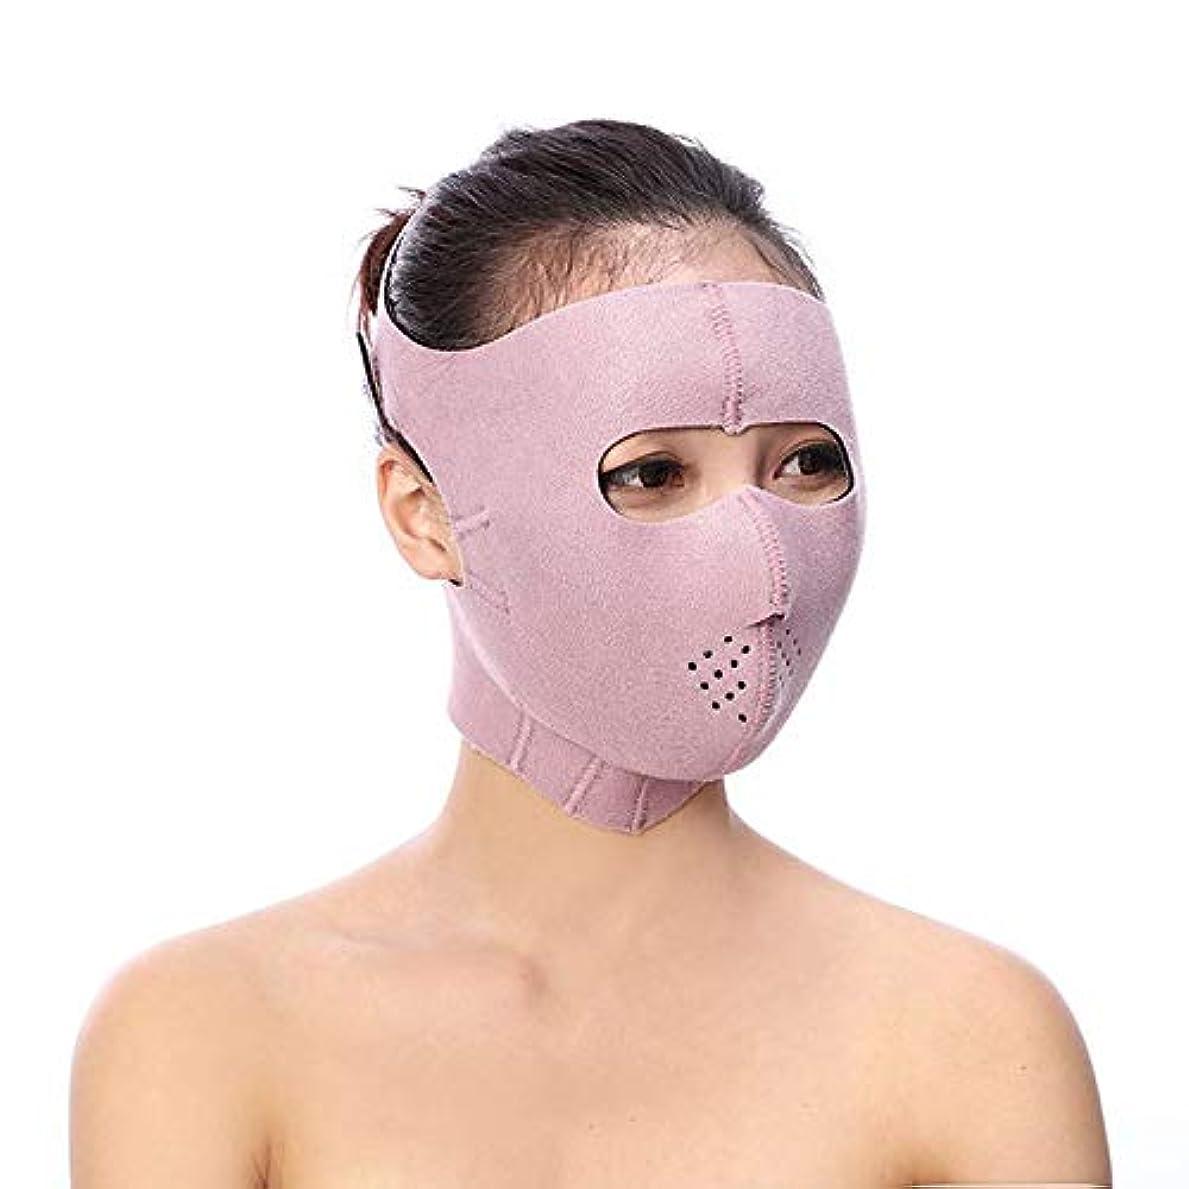 からに変化するメモパンフレットMinmin フェイシャルリフティング痩身ベルト - Vフェイス包帯マスクフェイシャルマッサージャー無料の薄いフェイス包帯整形マスクを引き締める顔と首の顔スリム みんみんVラインフェイスマスク